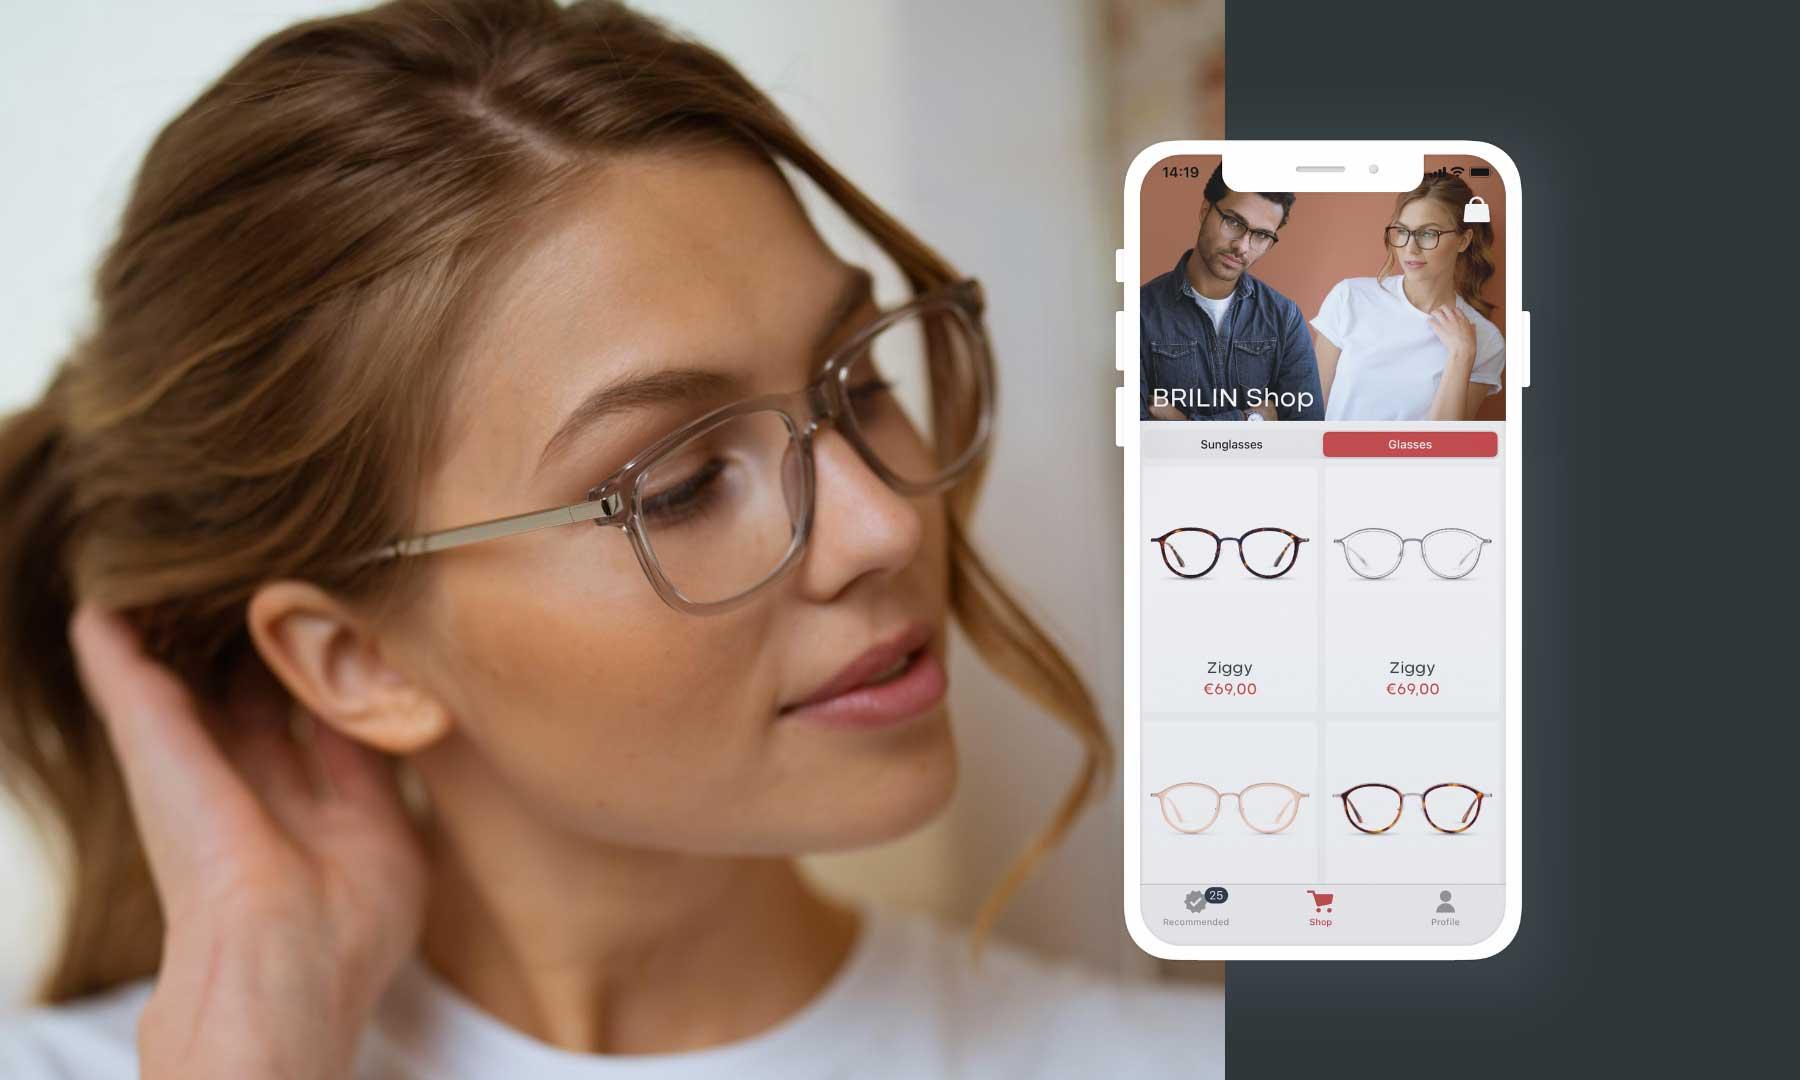 BRILIN lässt euch neue Brillen-Modelle per Instagram-Filter oder App anprobieren